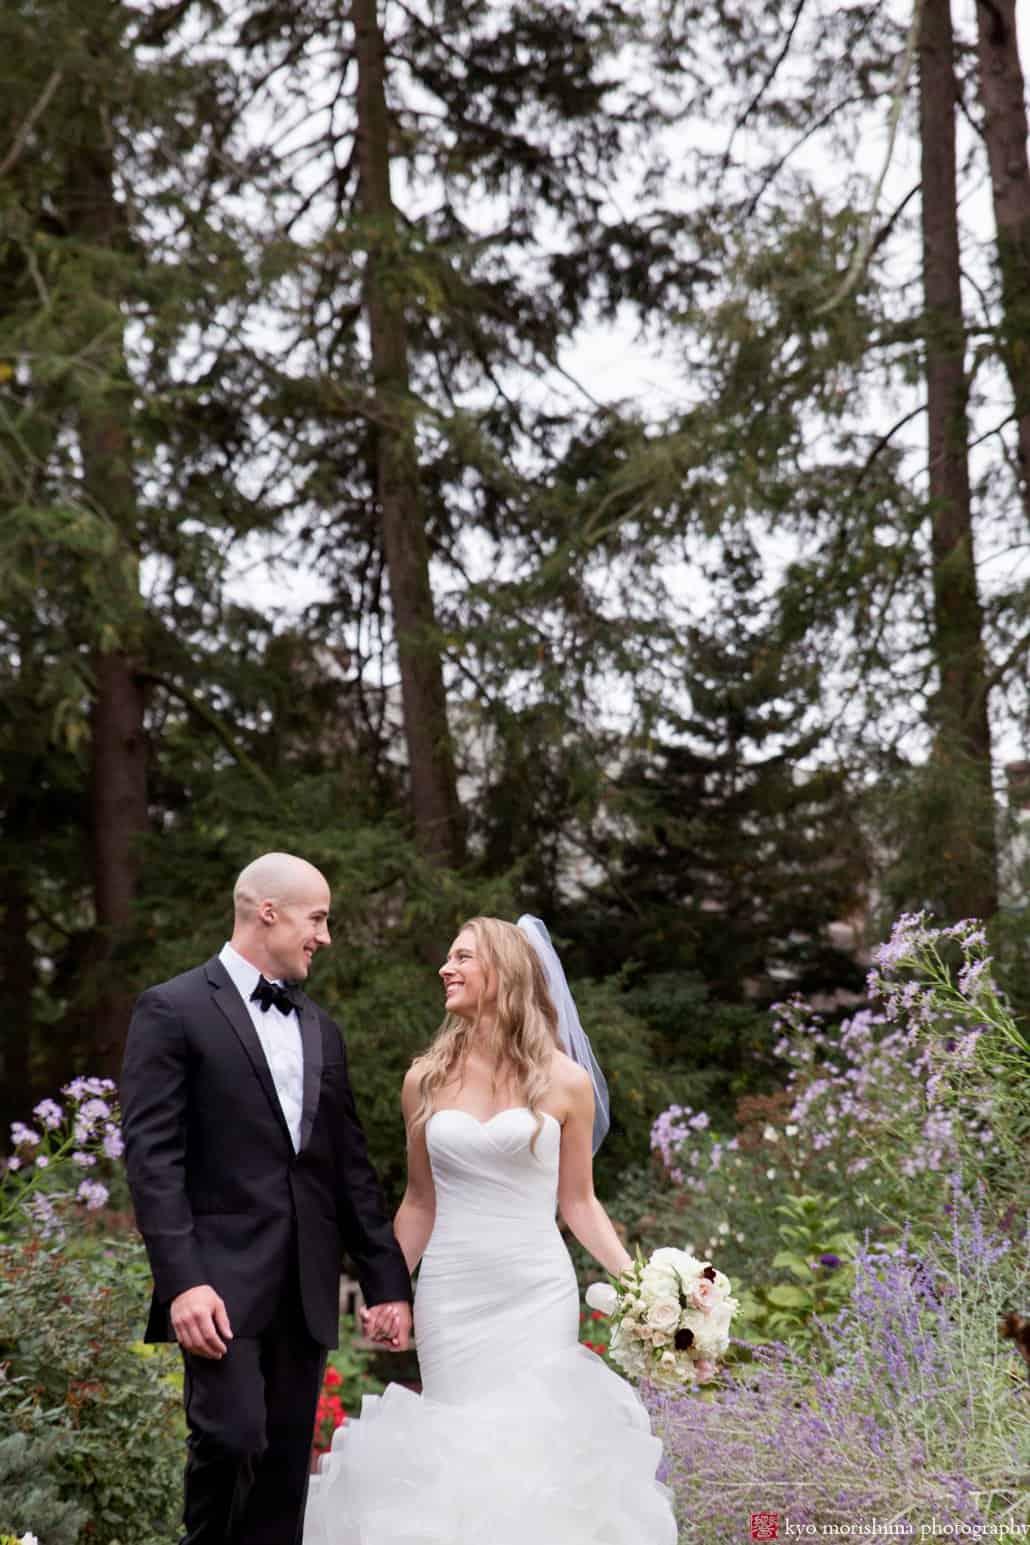 Wedding portrait at Prospect Gardens in Princeton during OctoberWedding portrait at Prospect Gardens in Princeton during October